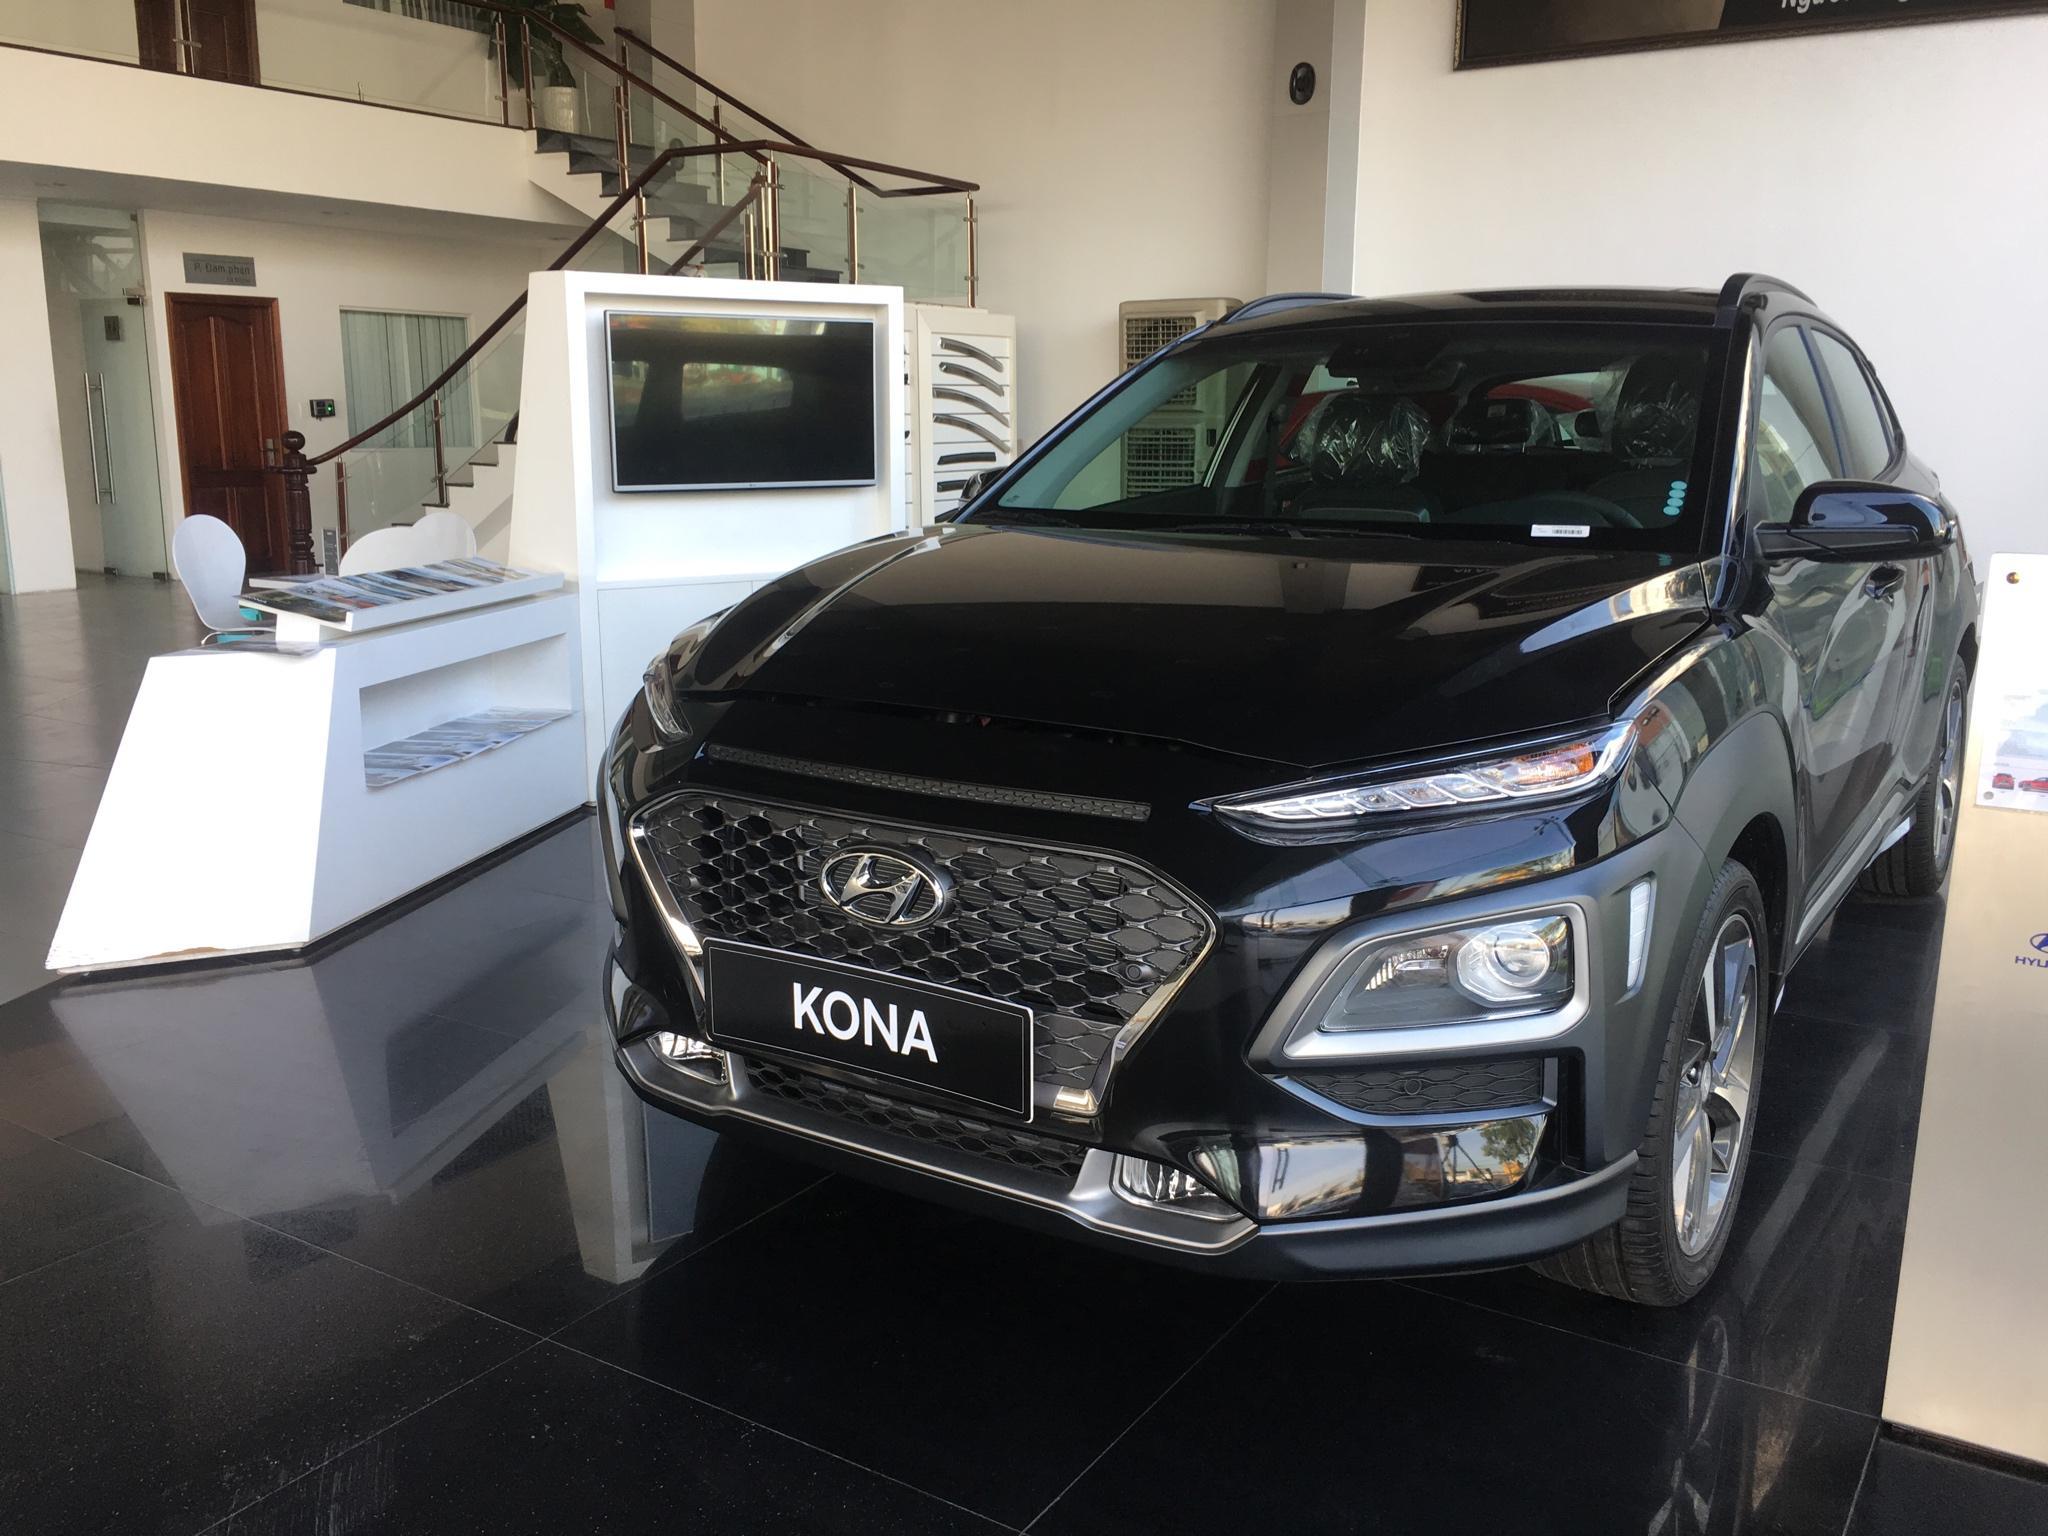 Mau xe Hyunda Kona 2019 anh 5 - Hyundai Kona mới: giá xe và khuyến mãi tháng [hienthithang]/[hienthinam]